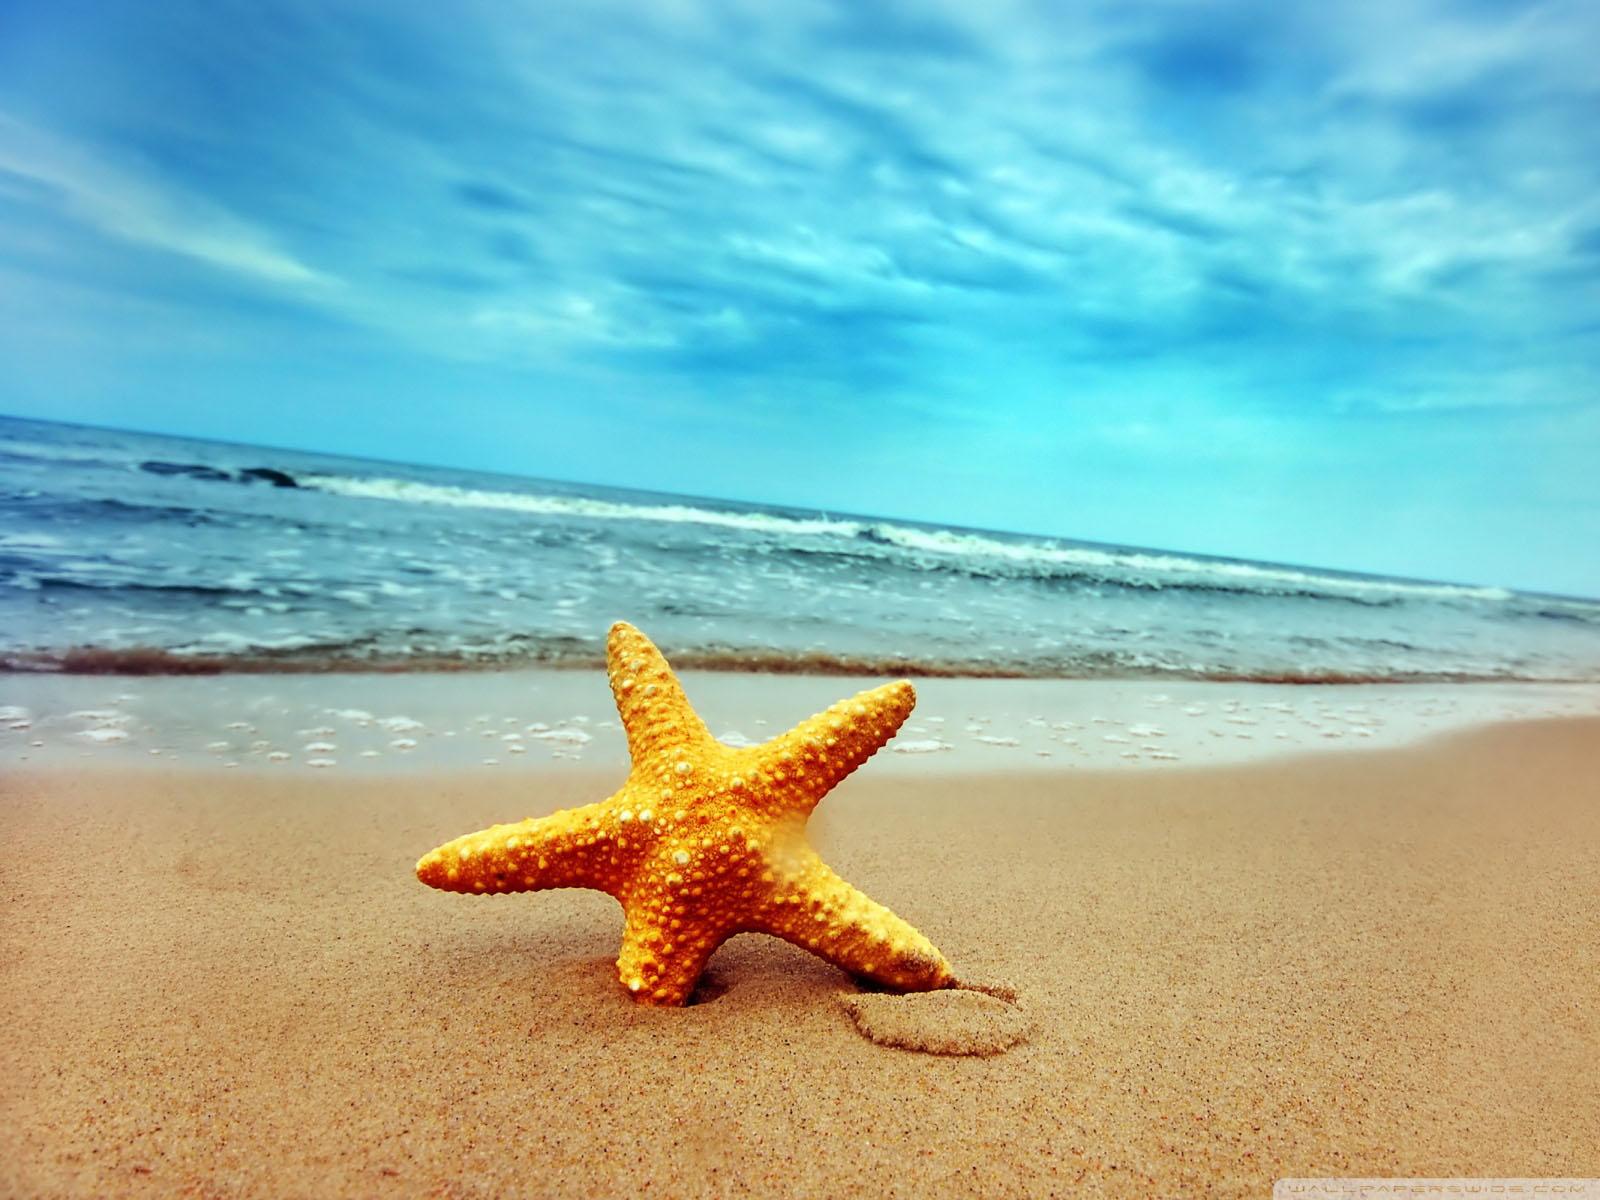 43] Beach and Starfish Wallpaper on WallpaperSafari 1600x1200